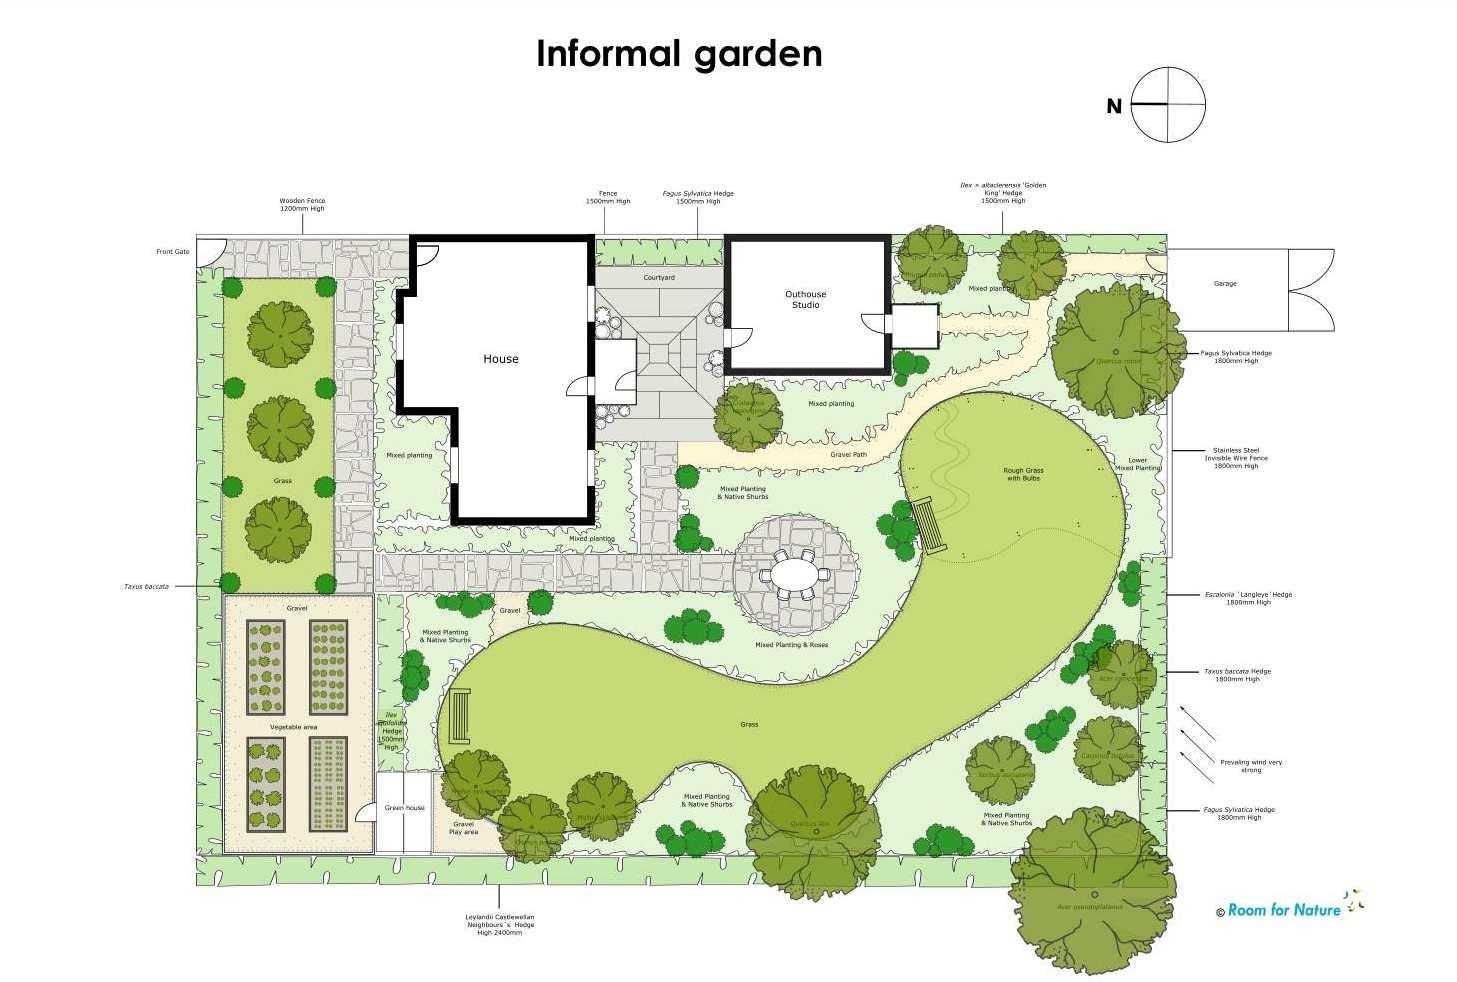 2d cad garden design plan garden design cad - Garden Design Cad